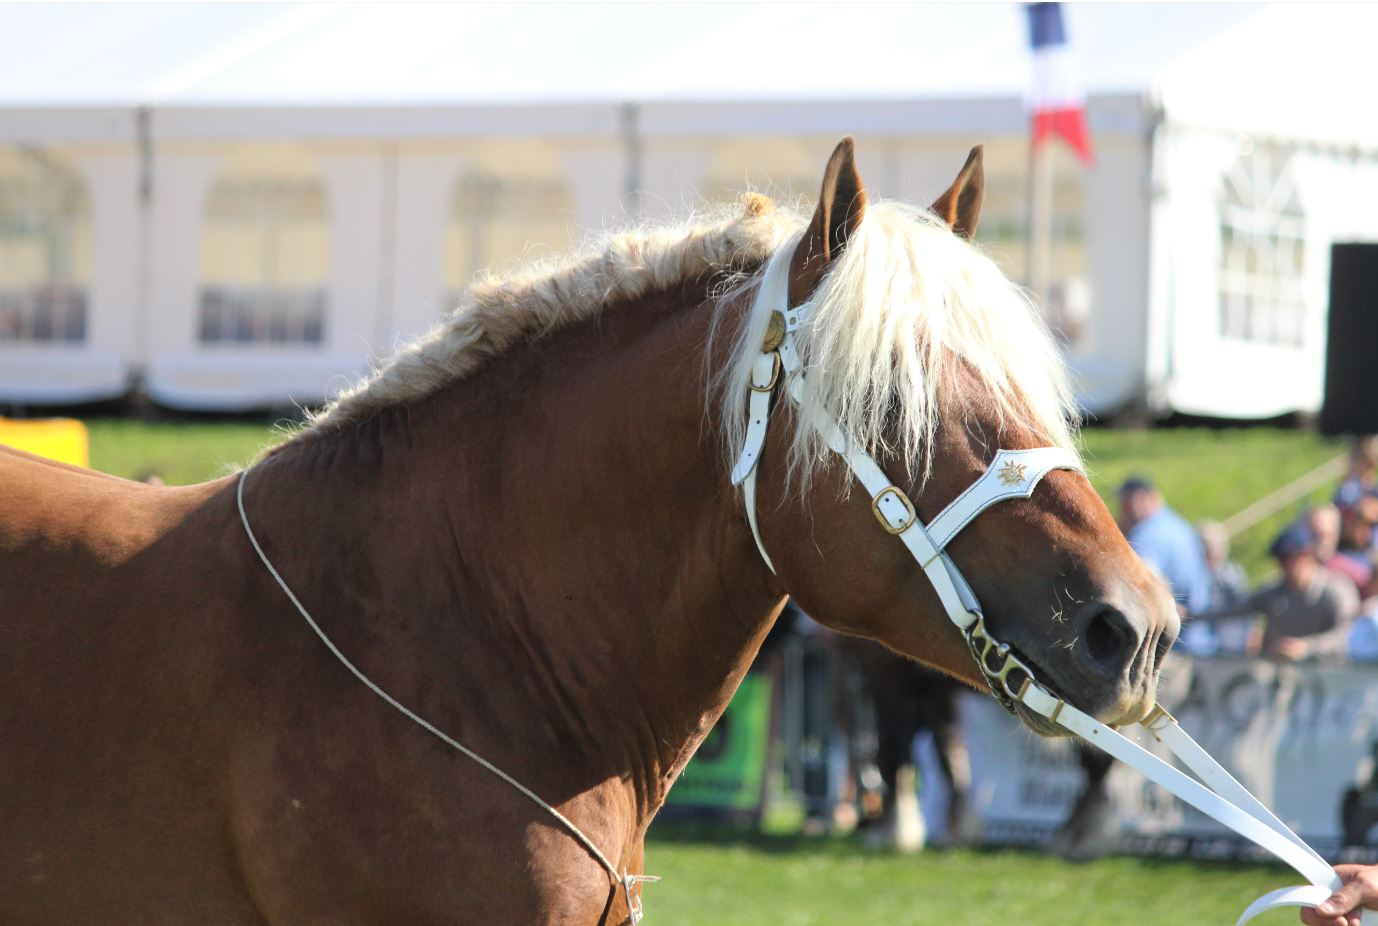 Vente aux enchères de chevaux comtois